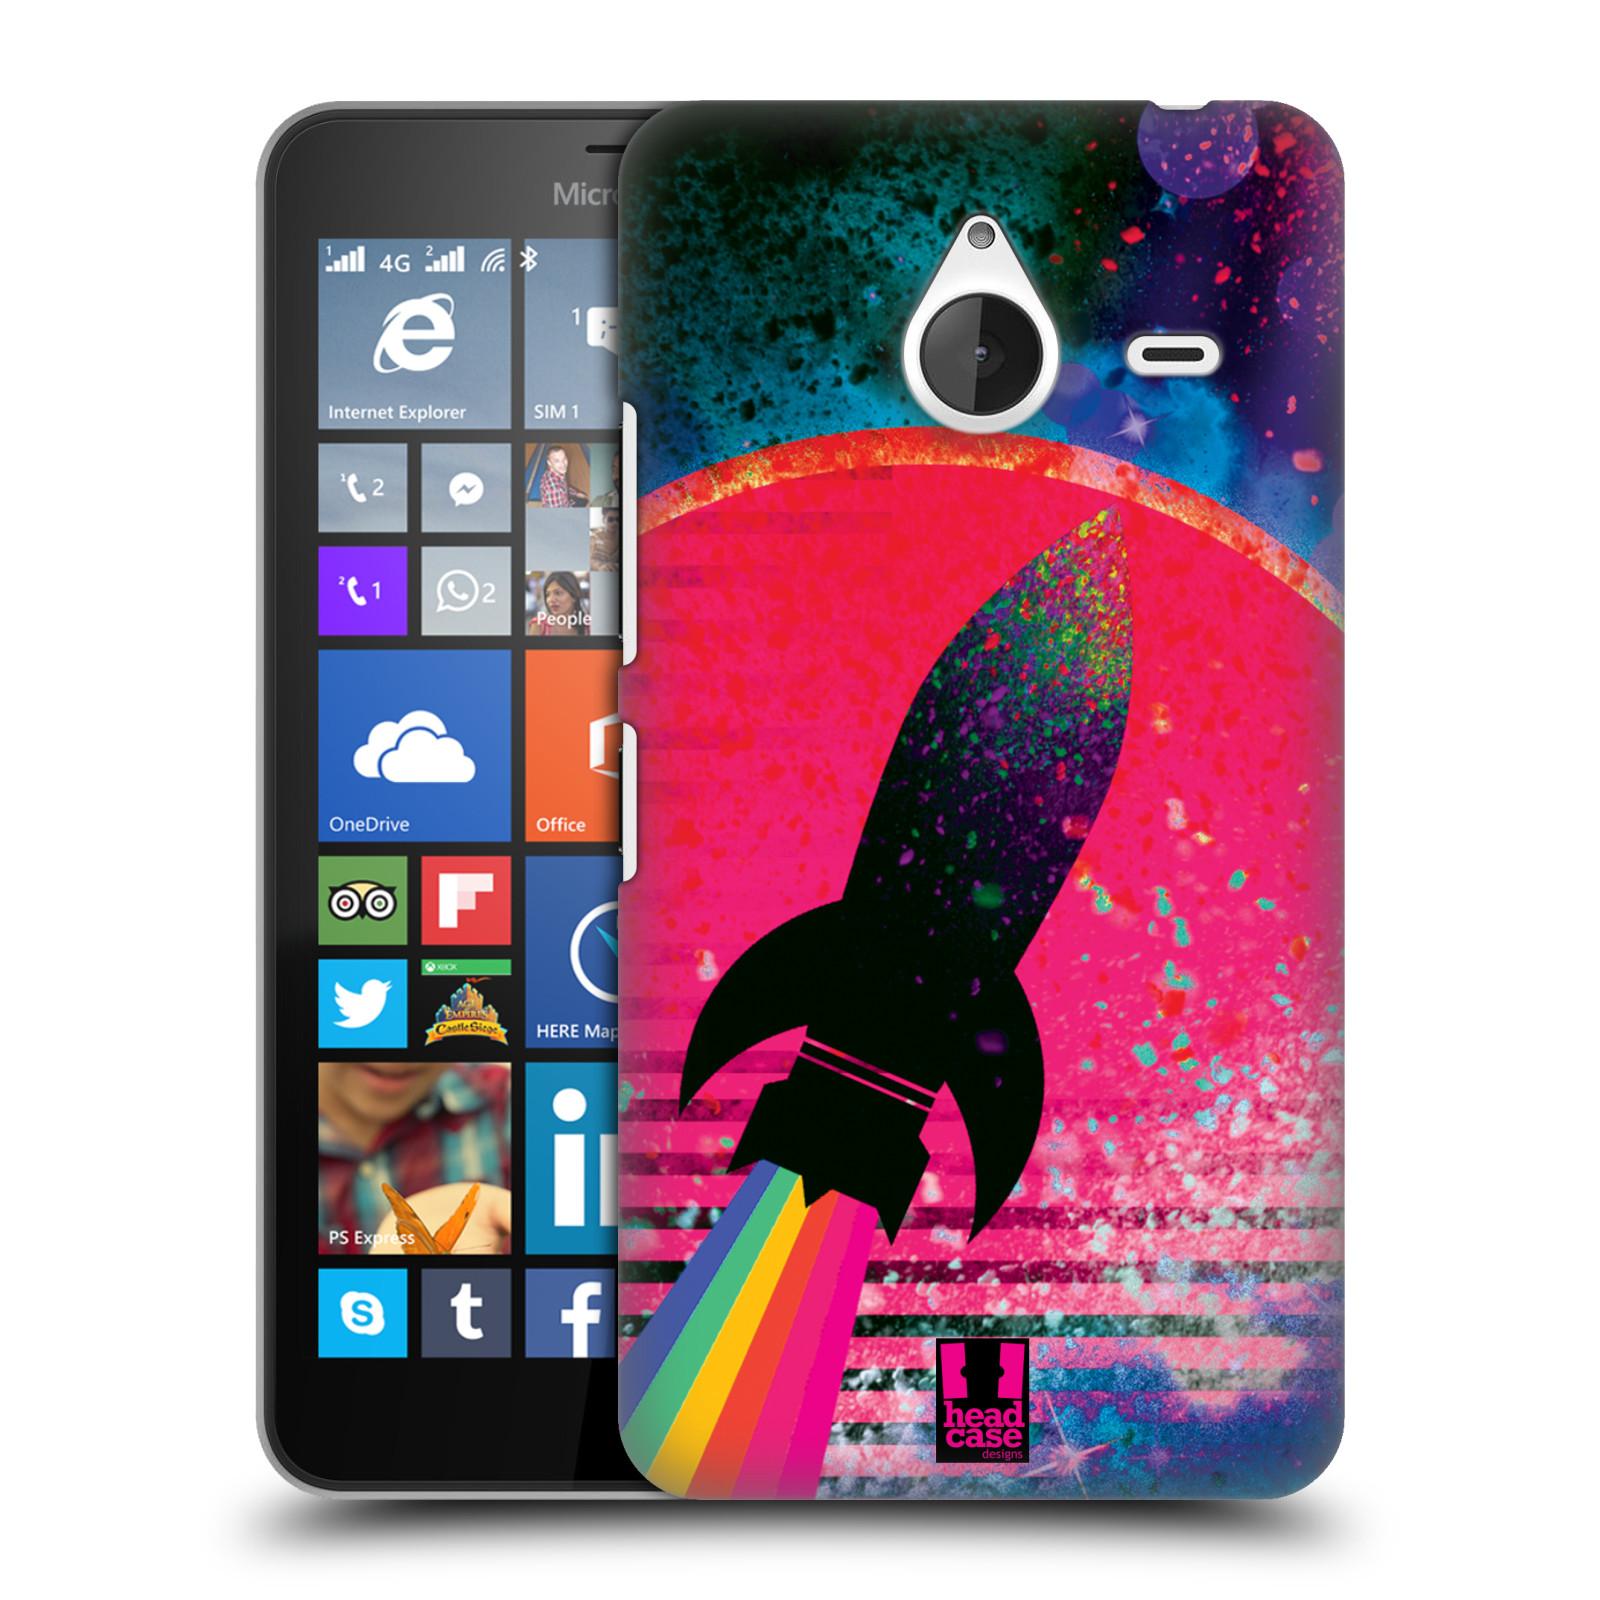 Plastové pouzdro na mobil Microsoft Lumia 640 XL Head Case - Raketka (Plastový kryt či obal na mobilní telefon s motivem z osmdesátek pro Microsoft Lumia 640 XL)